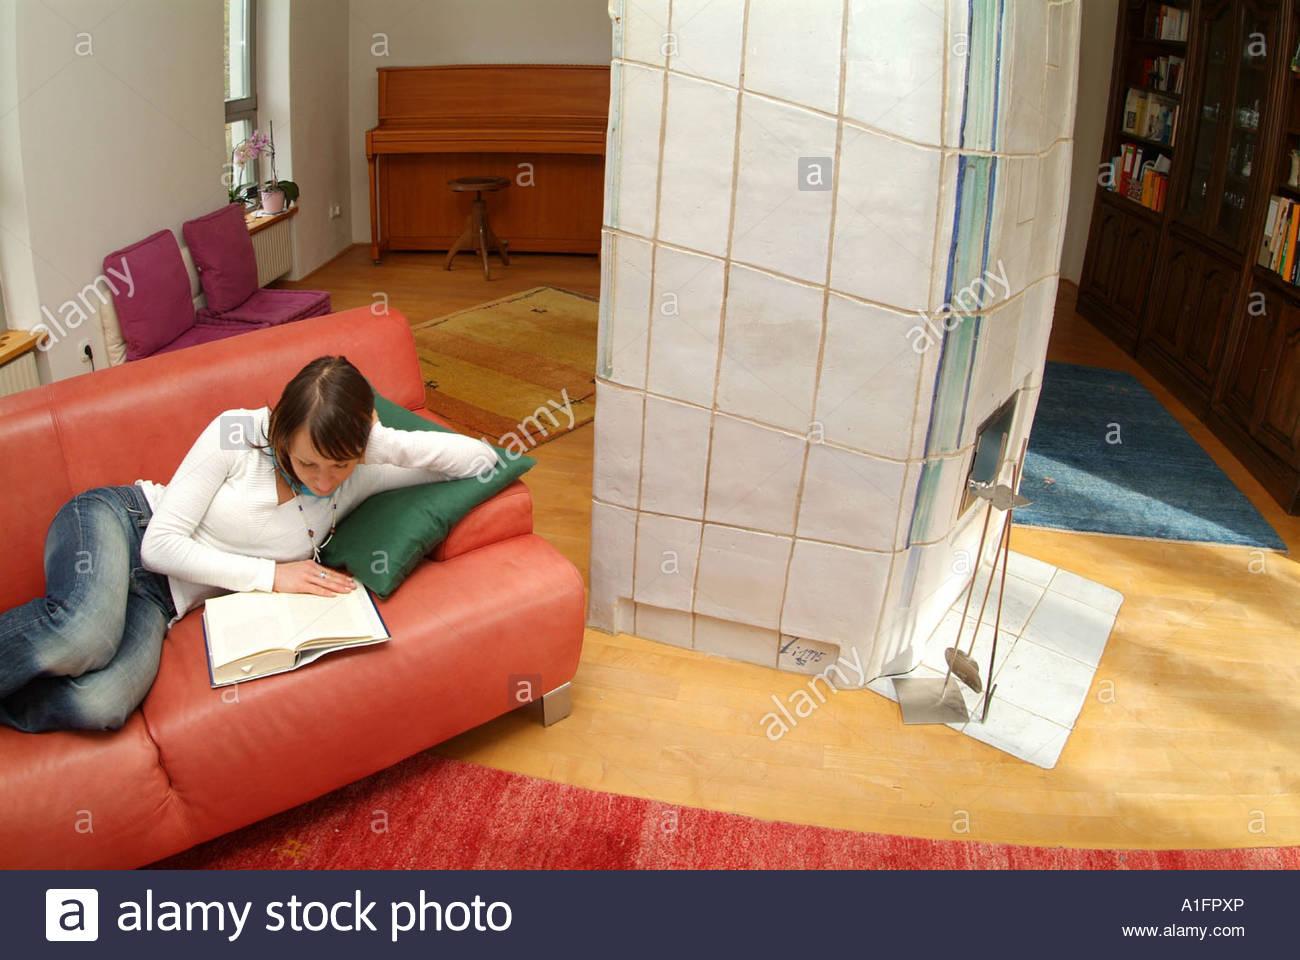 junge frau liegt gem tlich auf einer couch im wohnzimmer und liest stock photo royalty free. Black Bedroom Furniture Sets. Home Design Ideas